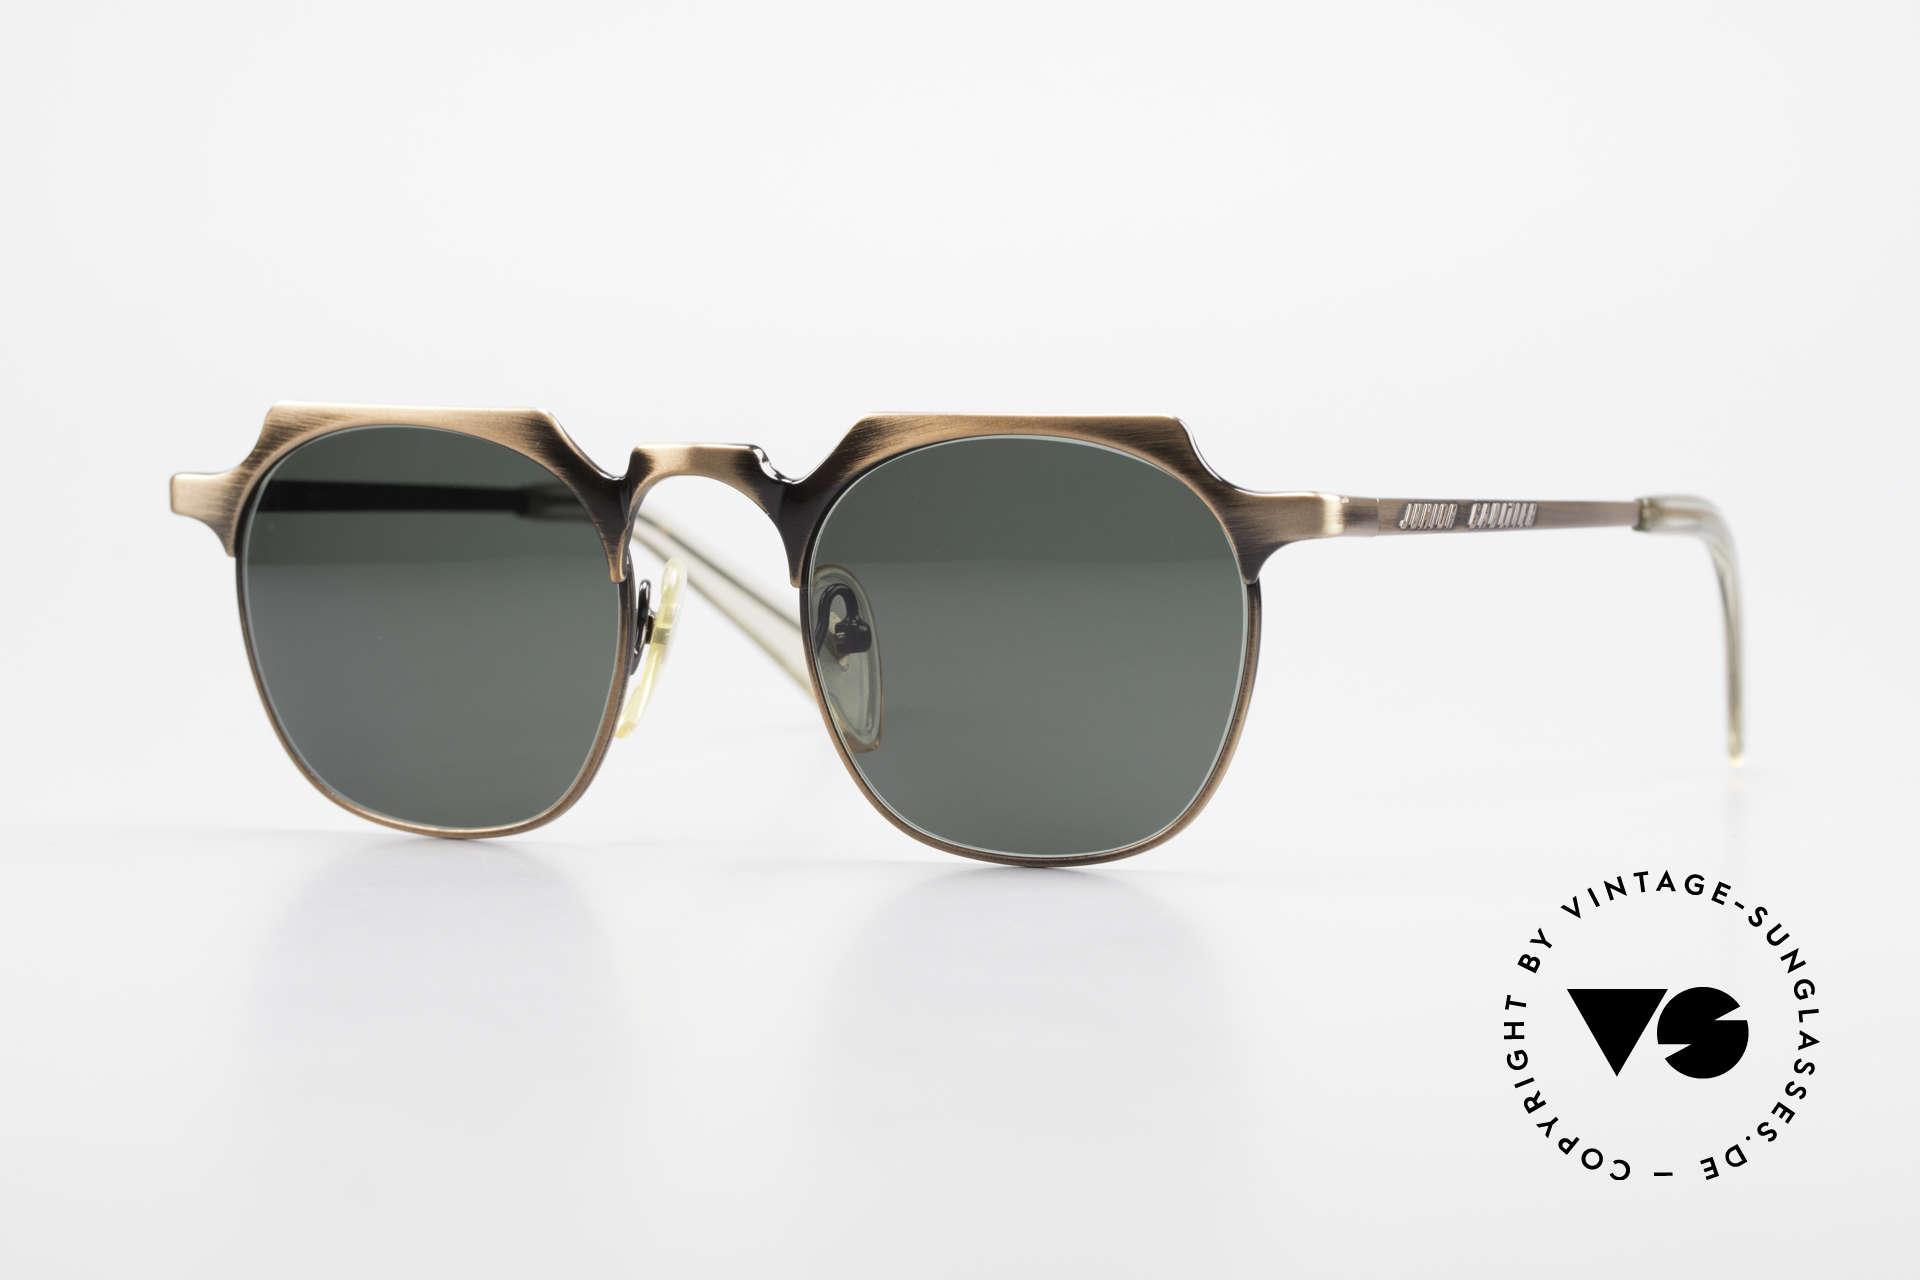 Jean Paul Gaultier 57-0171 Panto Sonnenbrille Eckig 90er, extrem edle Jean P. Gaultier vintage Sonnenbrille, Passend für Herren